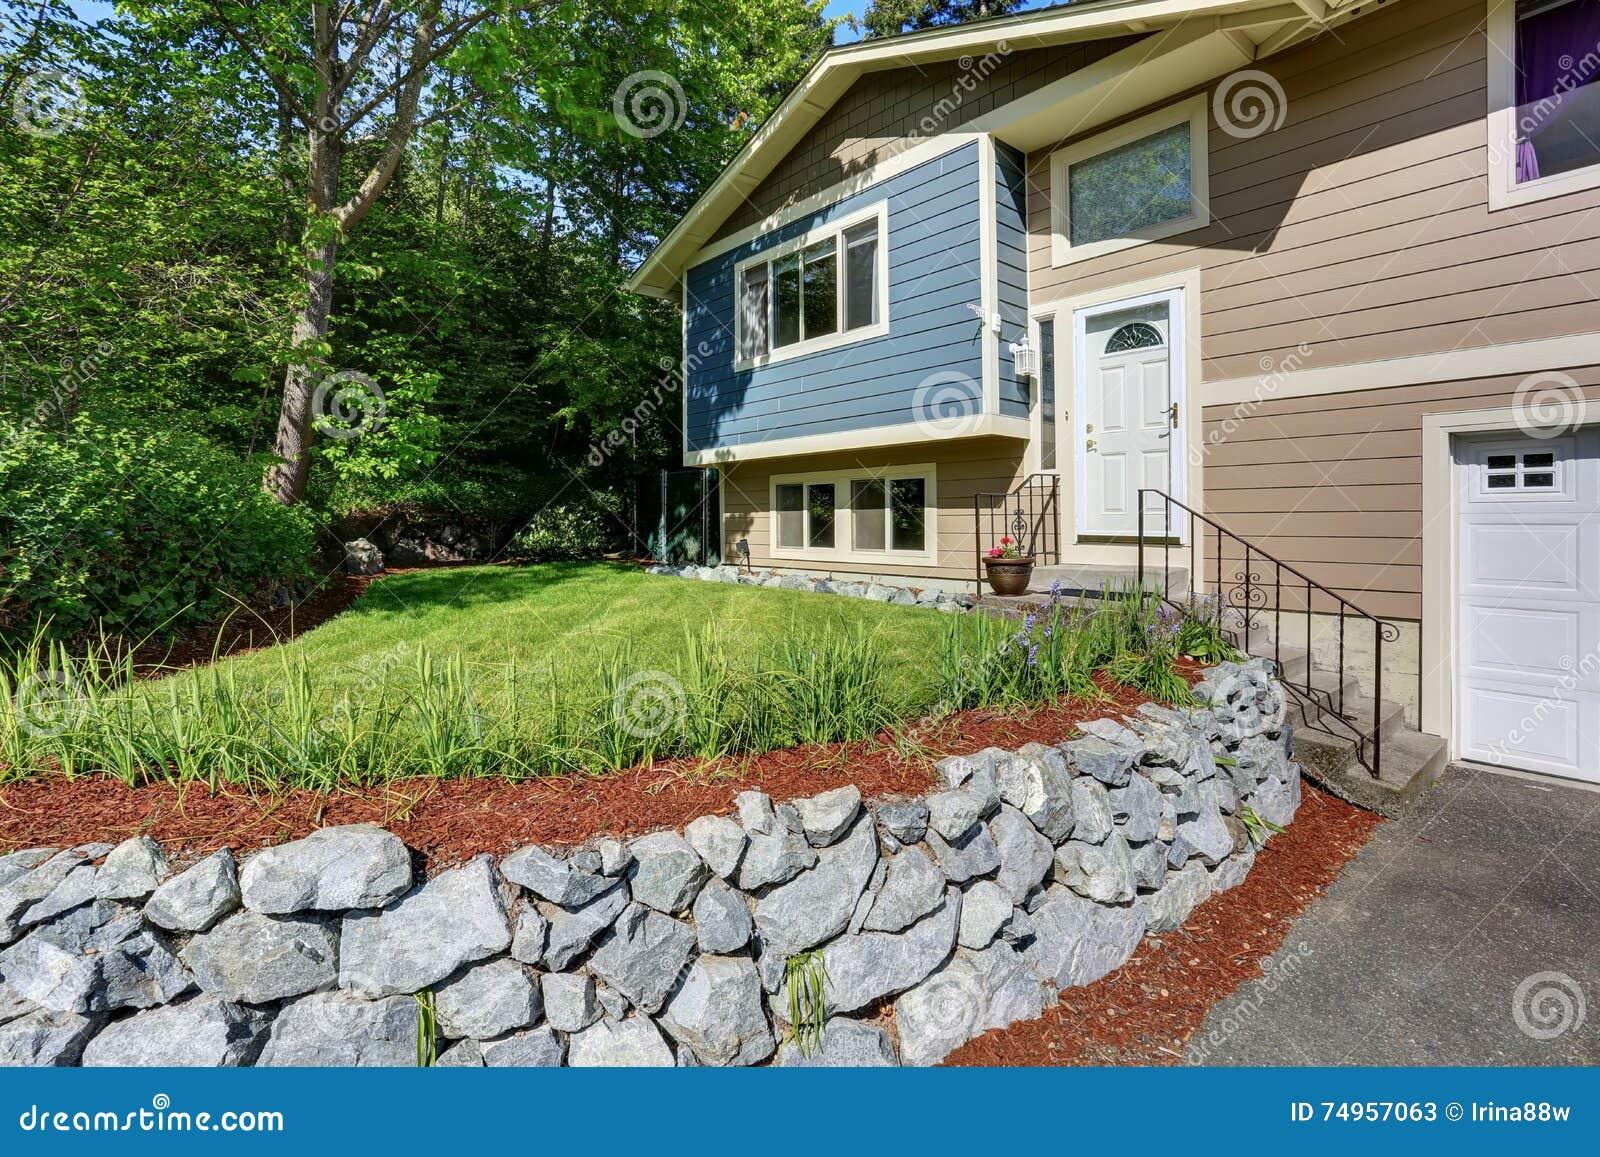 Progettazione Esterni Casa : Facciata tipica della casa americana pittura per esterni blu e